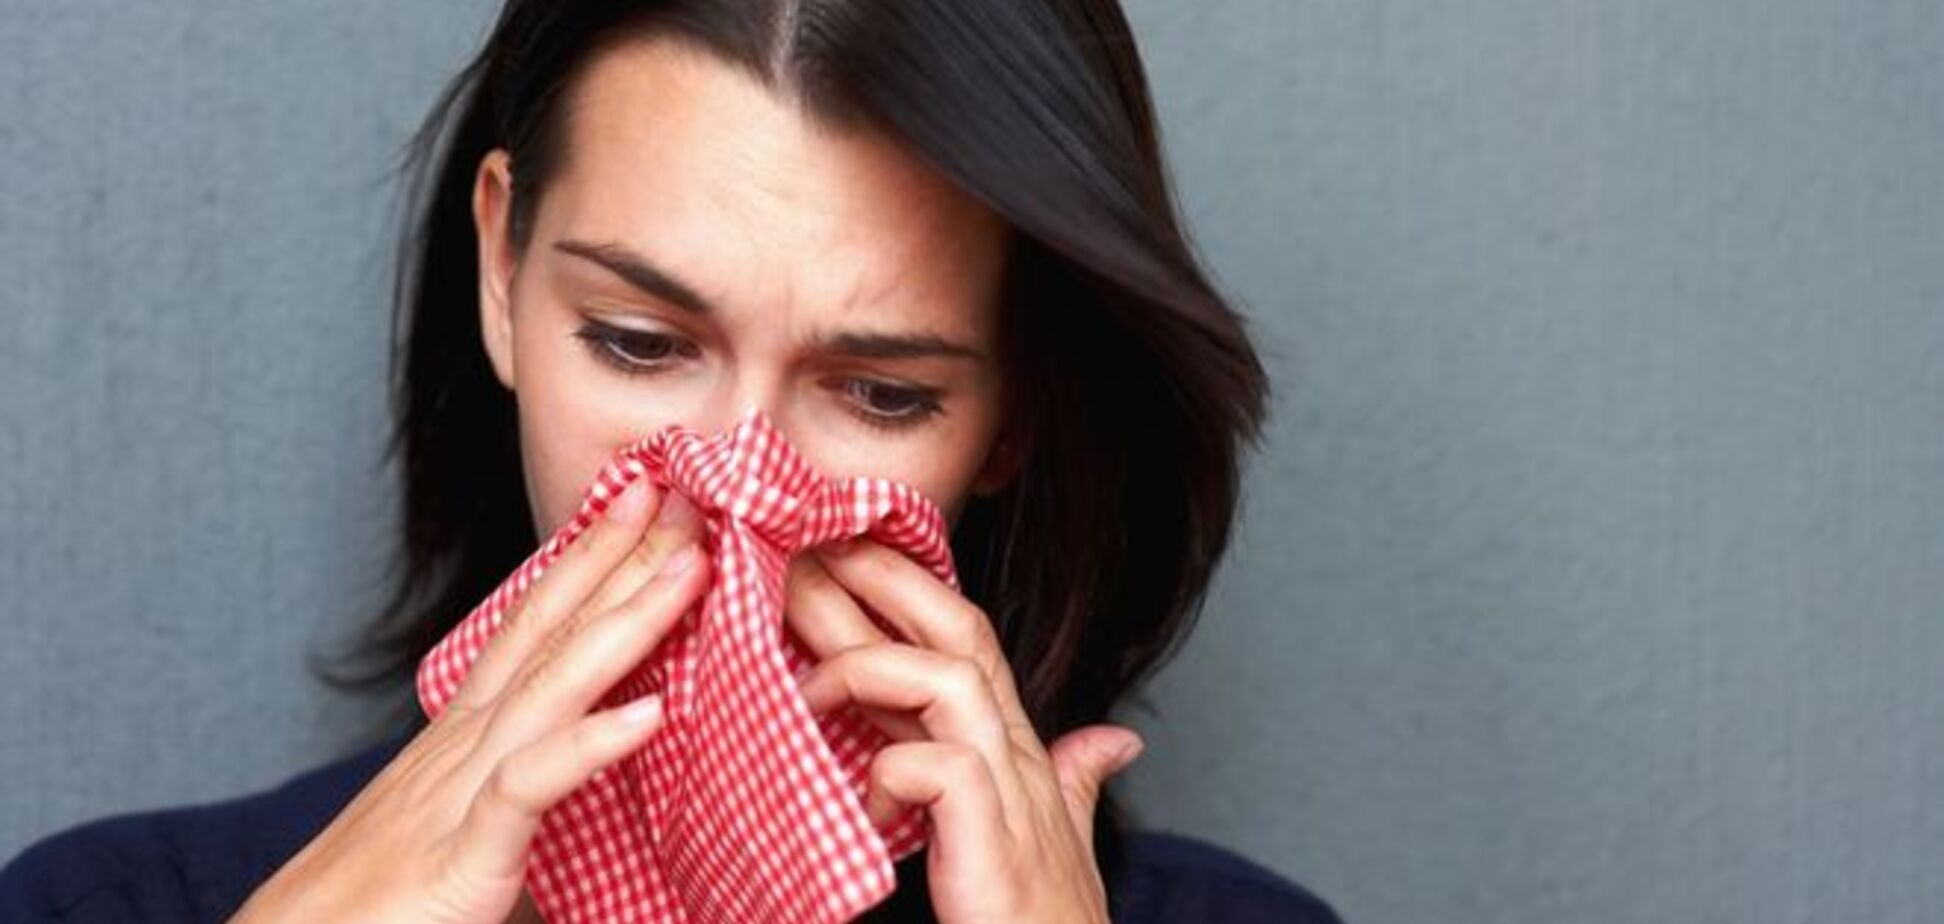 Врачи советуют брать больничный при первых признаках простуды